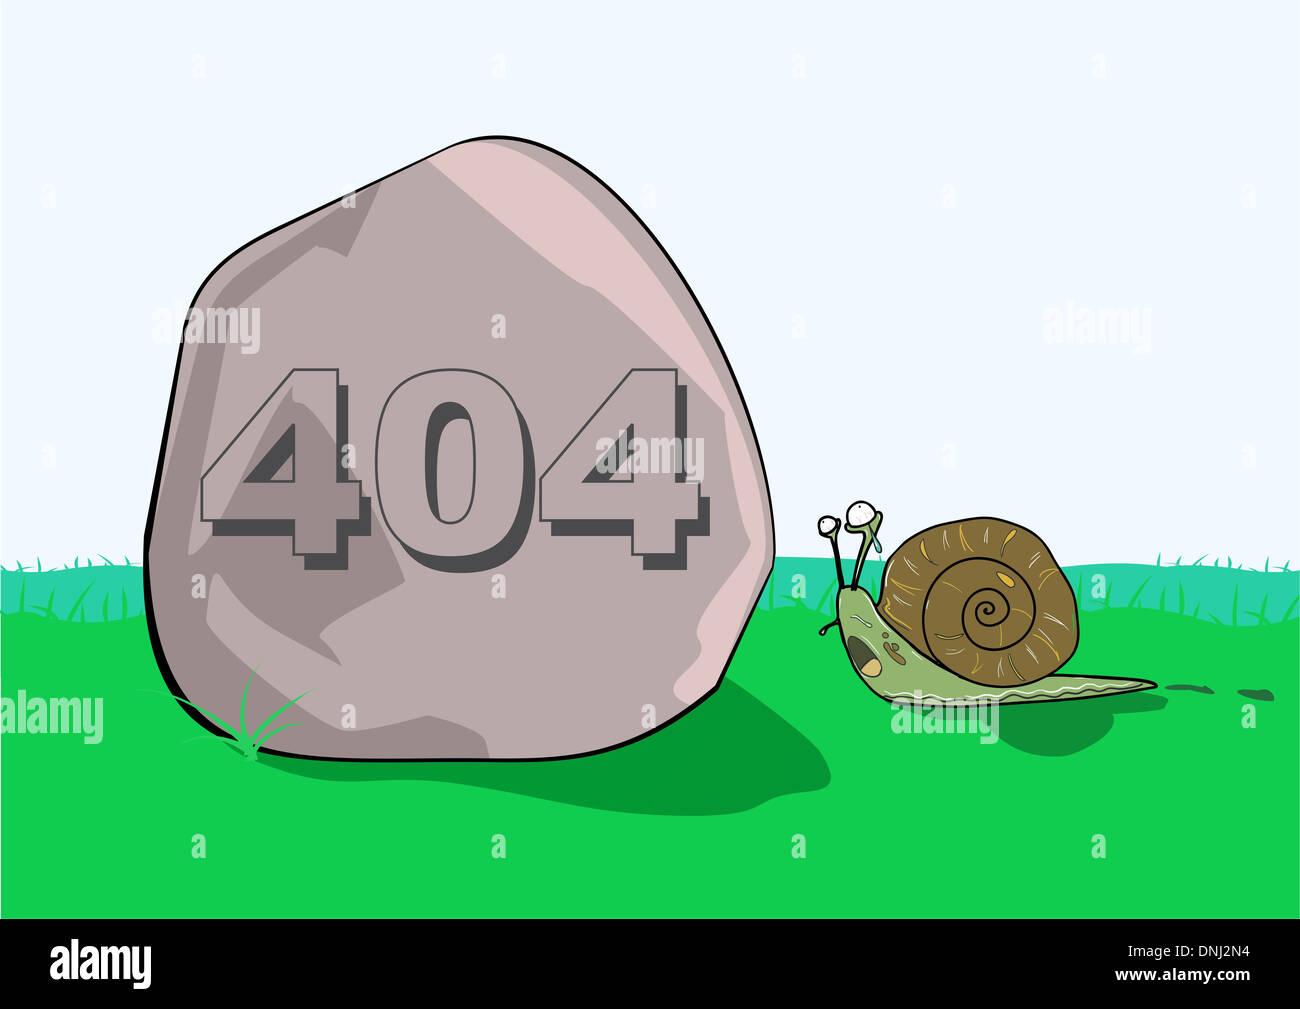 Représentation d'illustration de message d'erreur 404 sur le rocher en face d'un escargot Banque D'Images